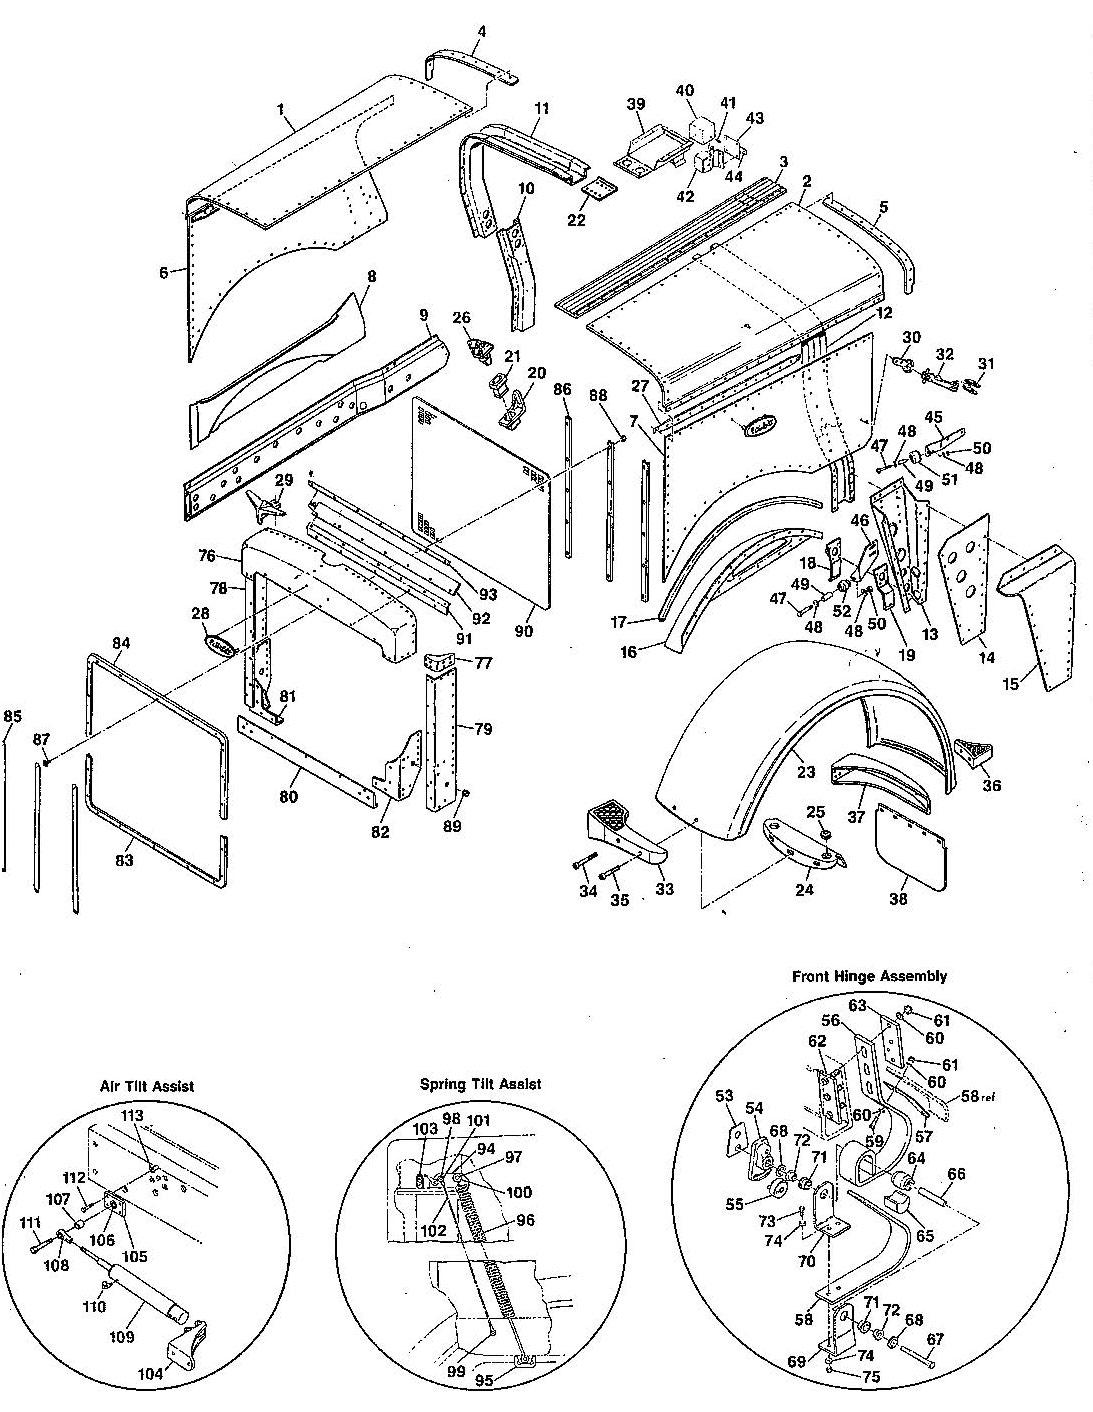 Hood Diagram Amp Parts